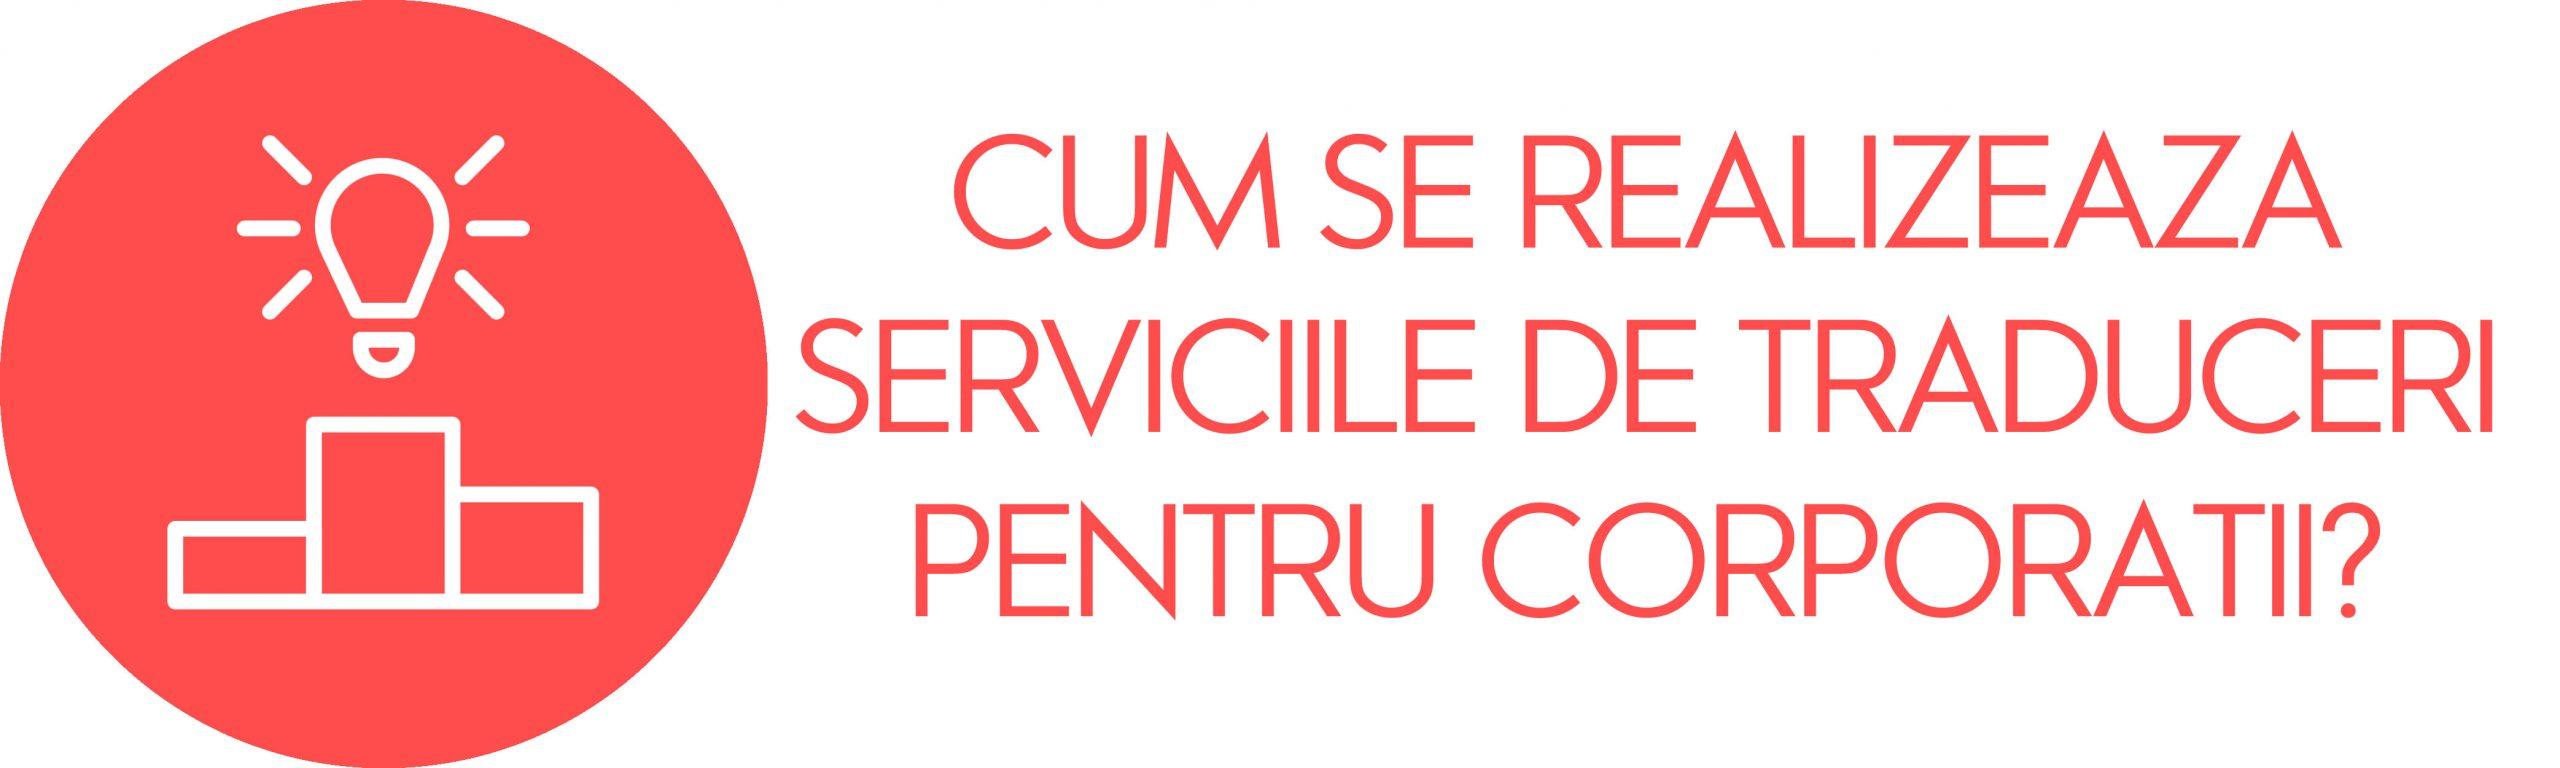 Cum se realizeaza serviciile de traduceri pentru corporatii?